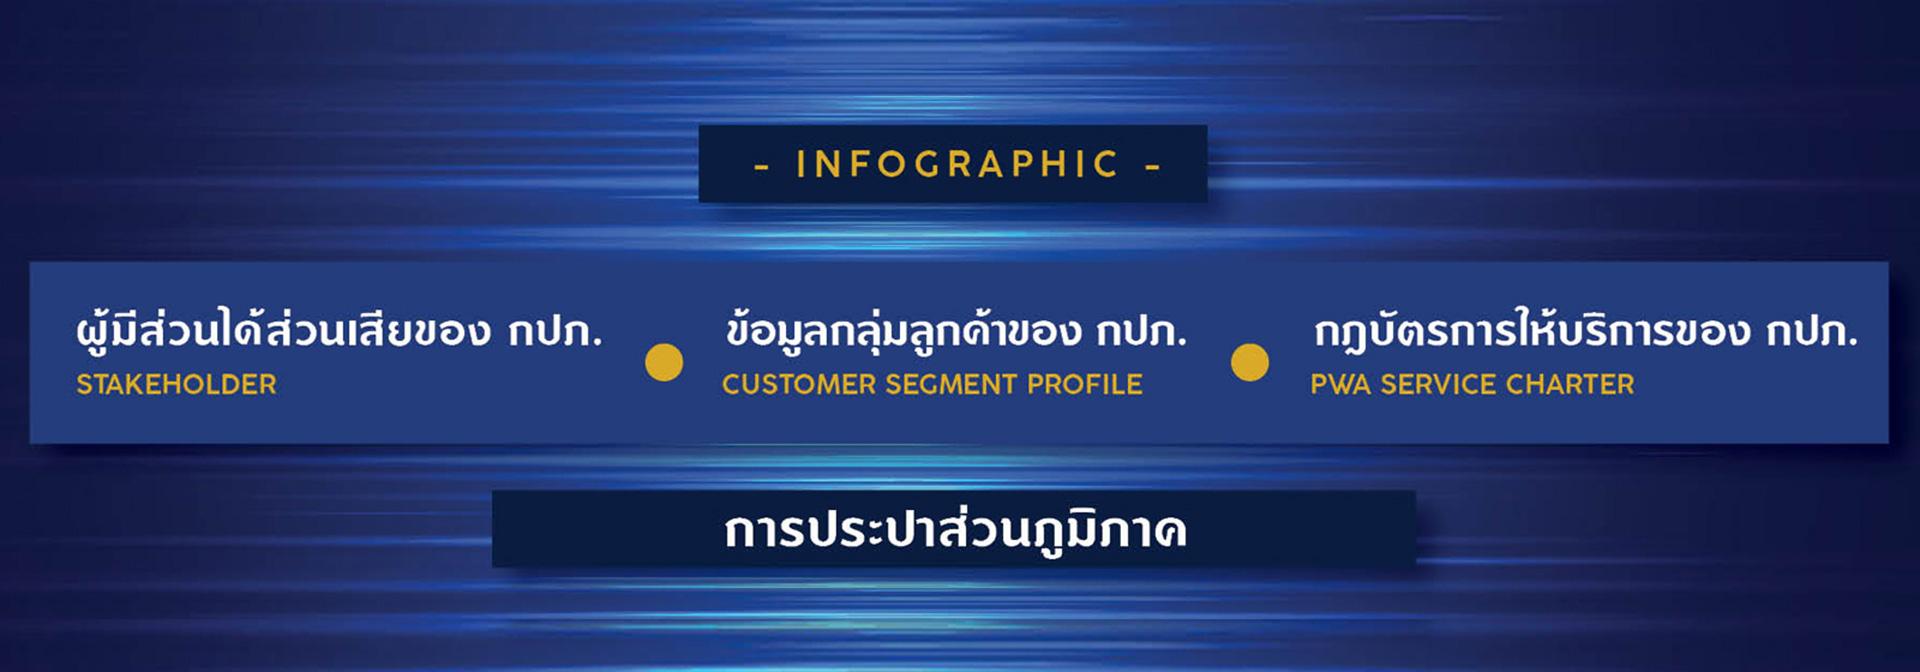 Infographic ผู้มีส่วนได้ส่วนเสียของ กปภ., ข้อมูลกลุ่มลูกค้าของ กปภ., กฎบัตรการให้บริการของ กปภ.